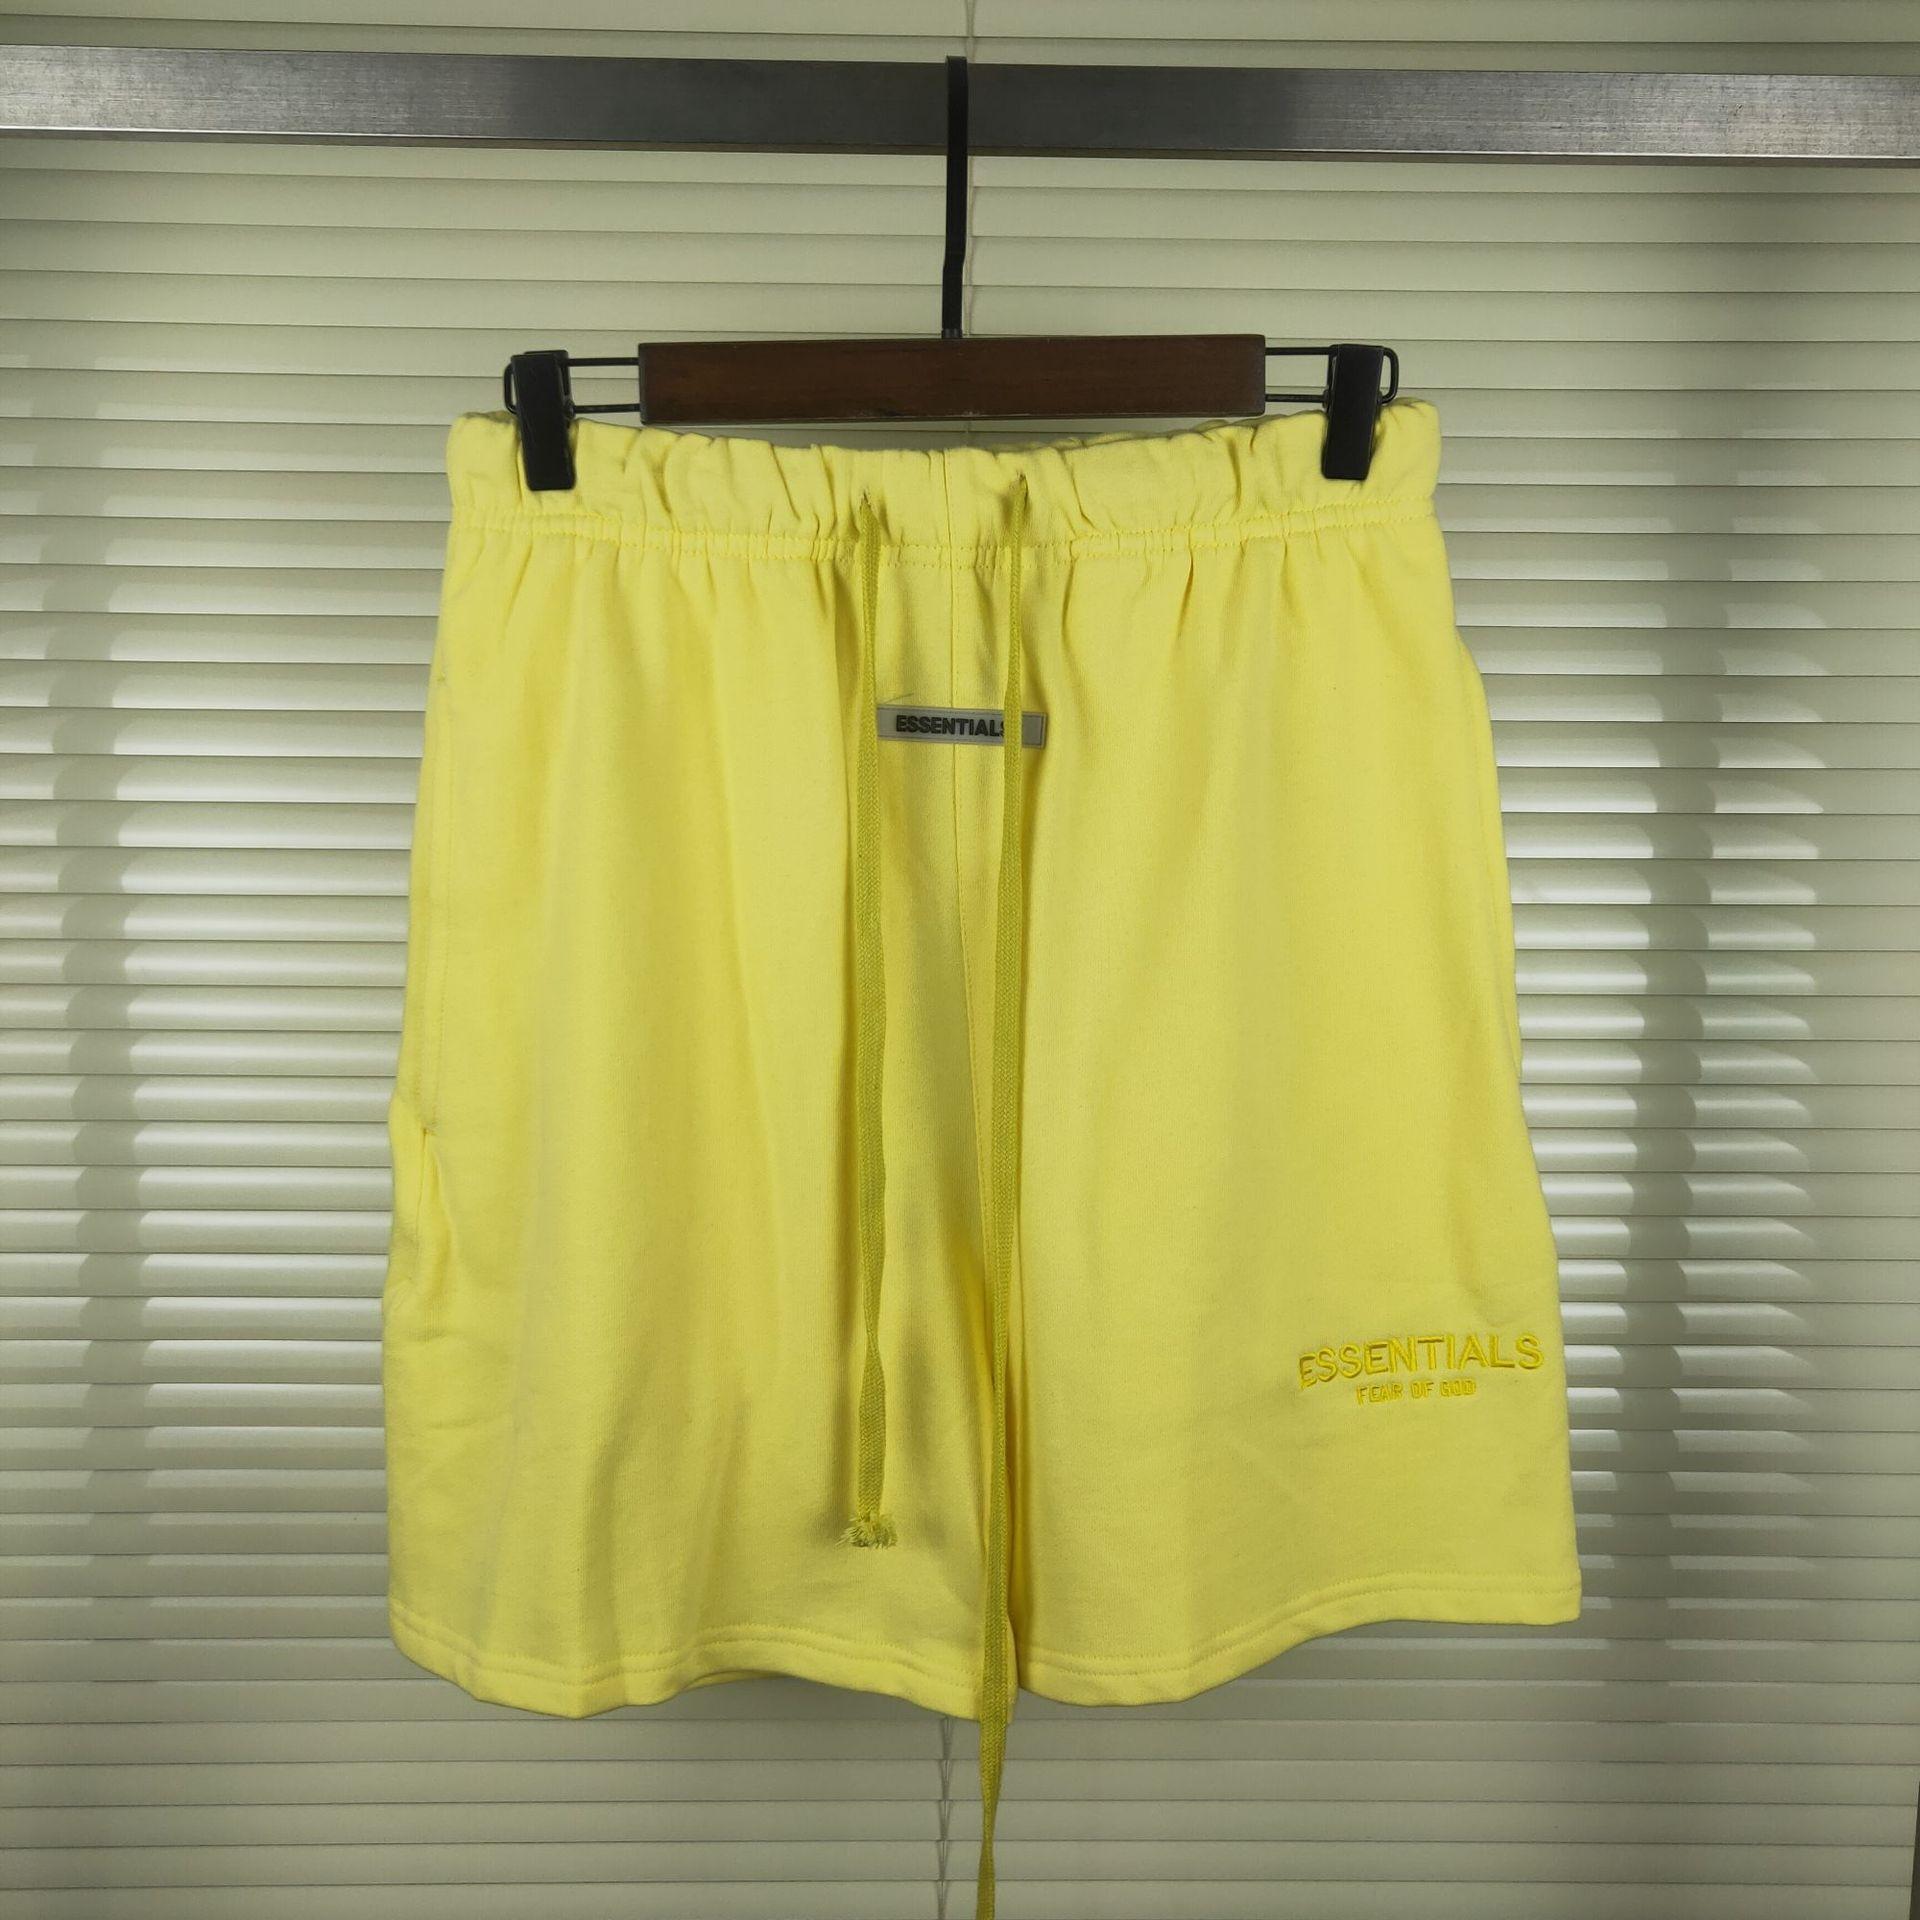 PAURA DI Pantaloncini e shortsGOD ESSENTIALS doppia tendenza linea allentato casuale coulisse FOG high street pantaloncini cinque punti per gli uomini